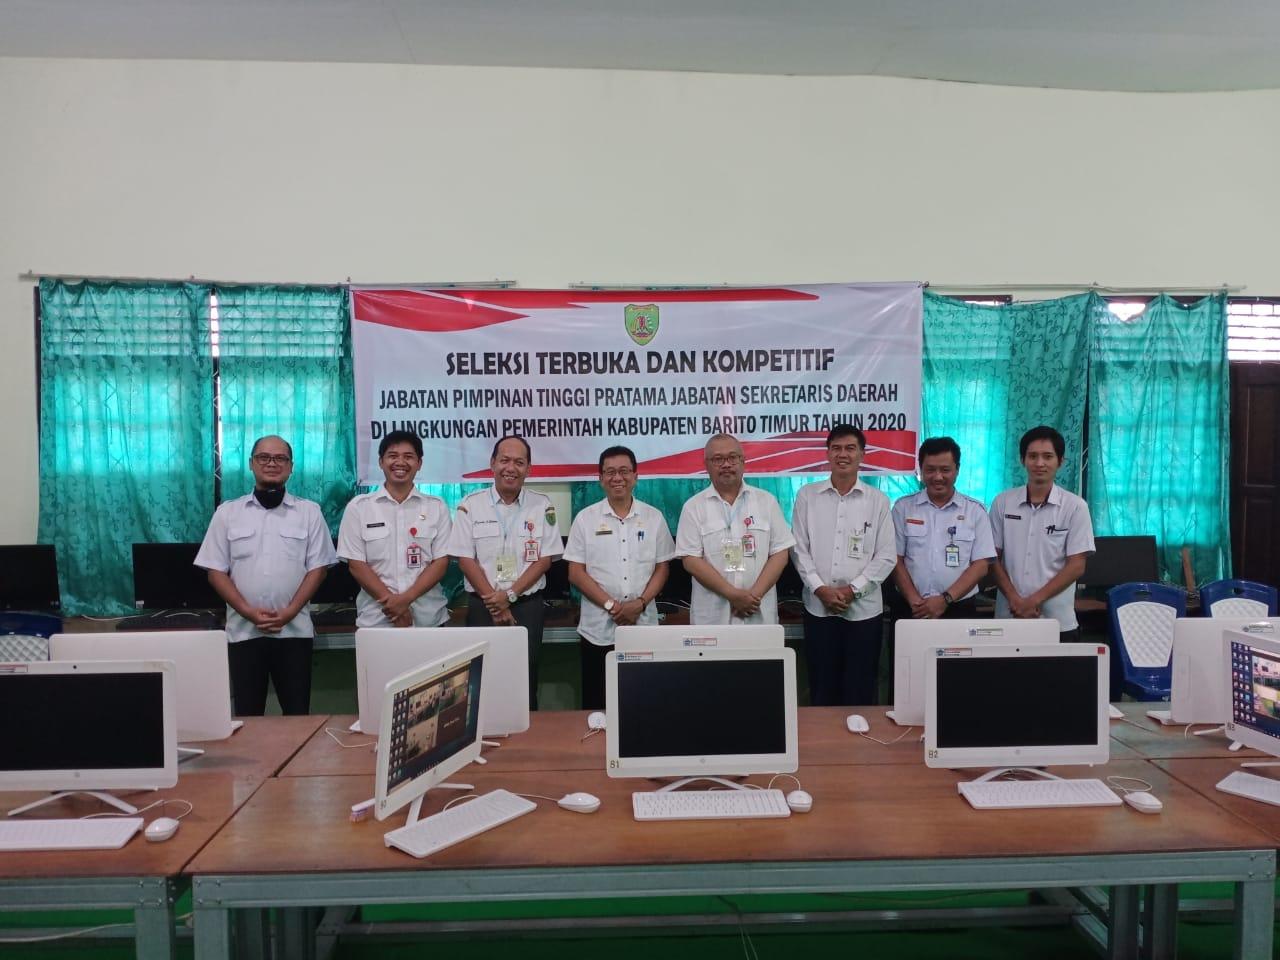 Tahapan Tes Kompetensi Assesment Seleksi Terbuka Jpt Pratama Jabatan Sekda Kabupaten Barito Timur Dilaksanakan Secara Daring Online